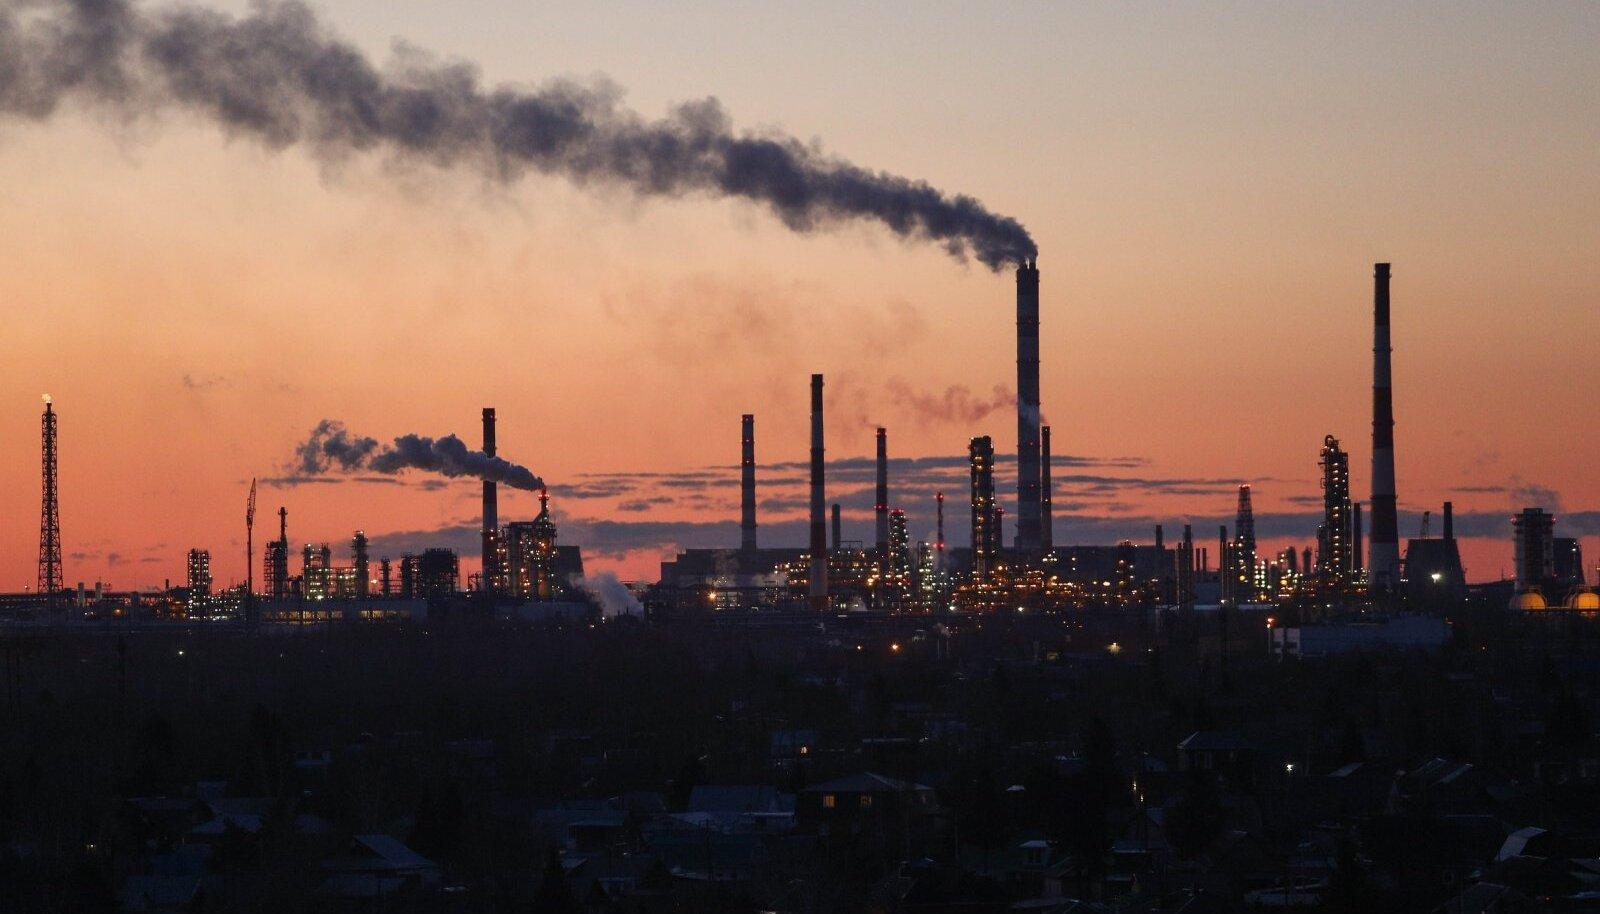 Süsiniku avalikustamise projekti raporti kohaselt tekitavad sada suurimat fossiilsete kütuste ettevõtet ja nende investorid 71% globaalsetest emissioonidest.